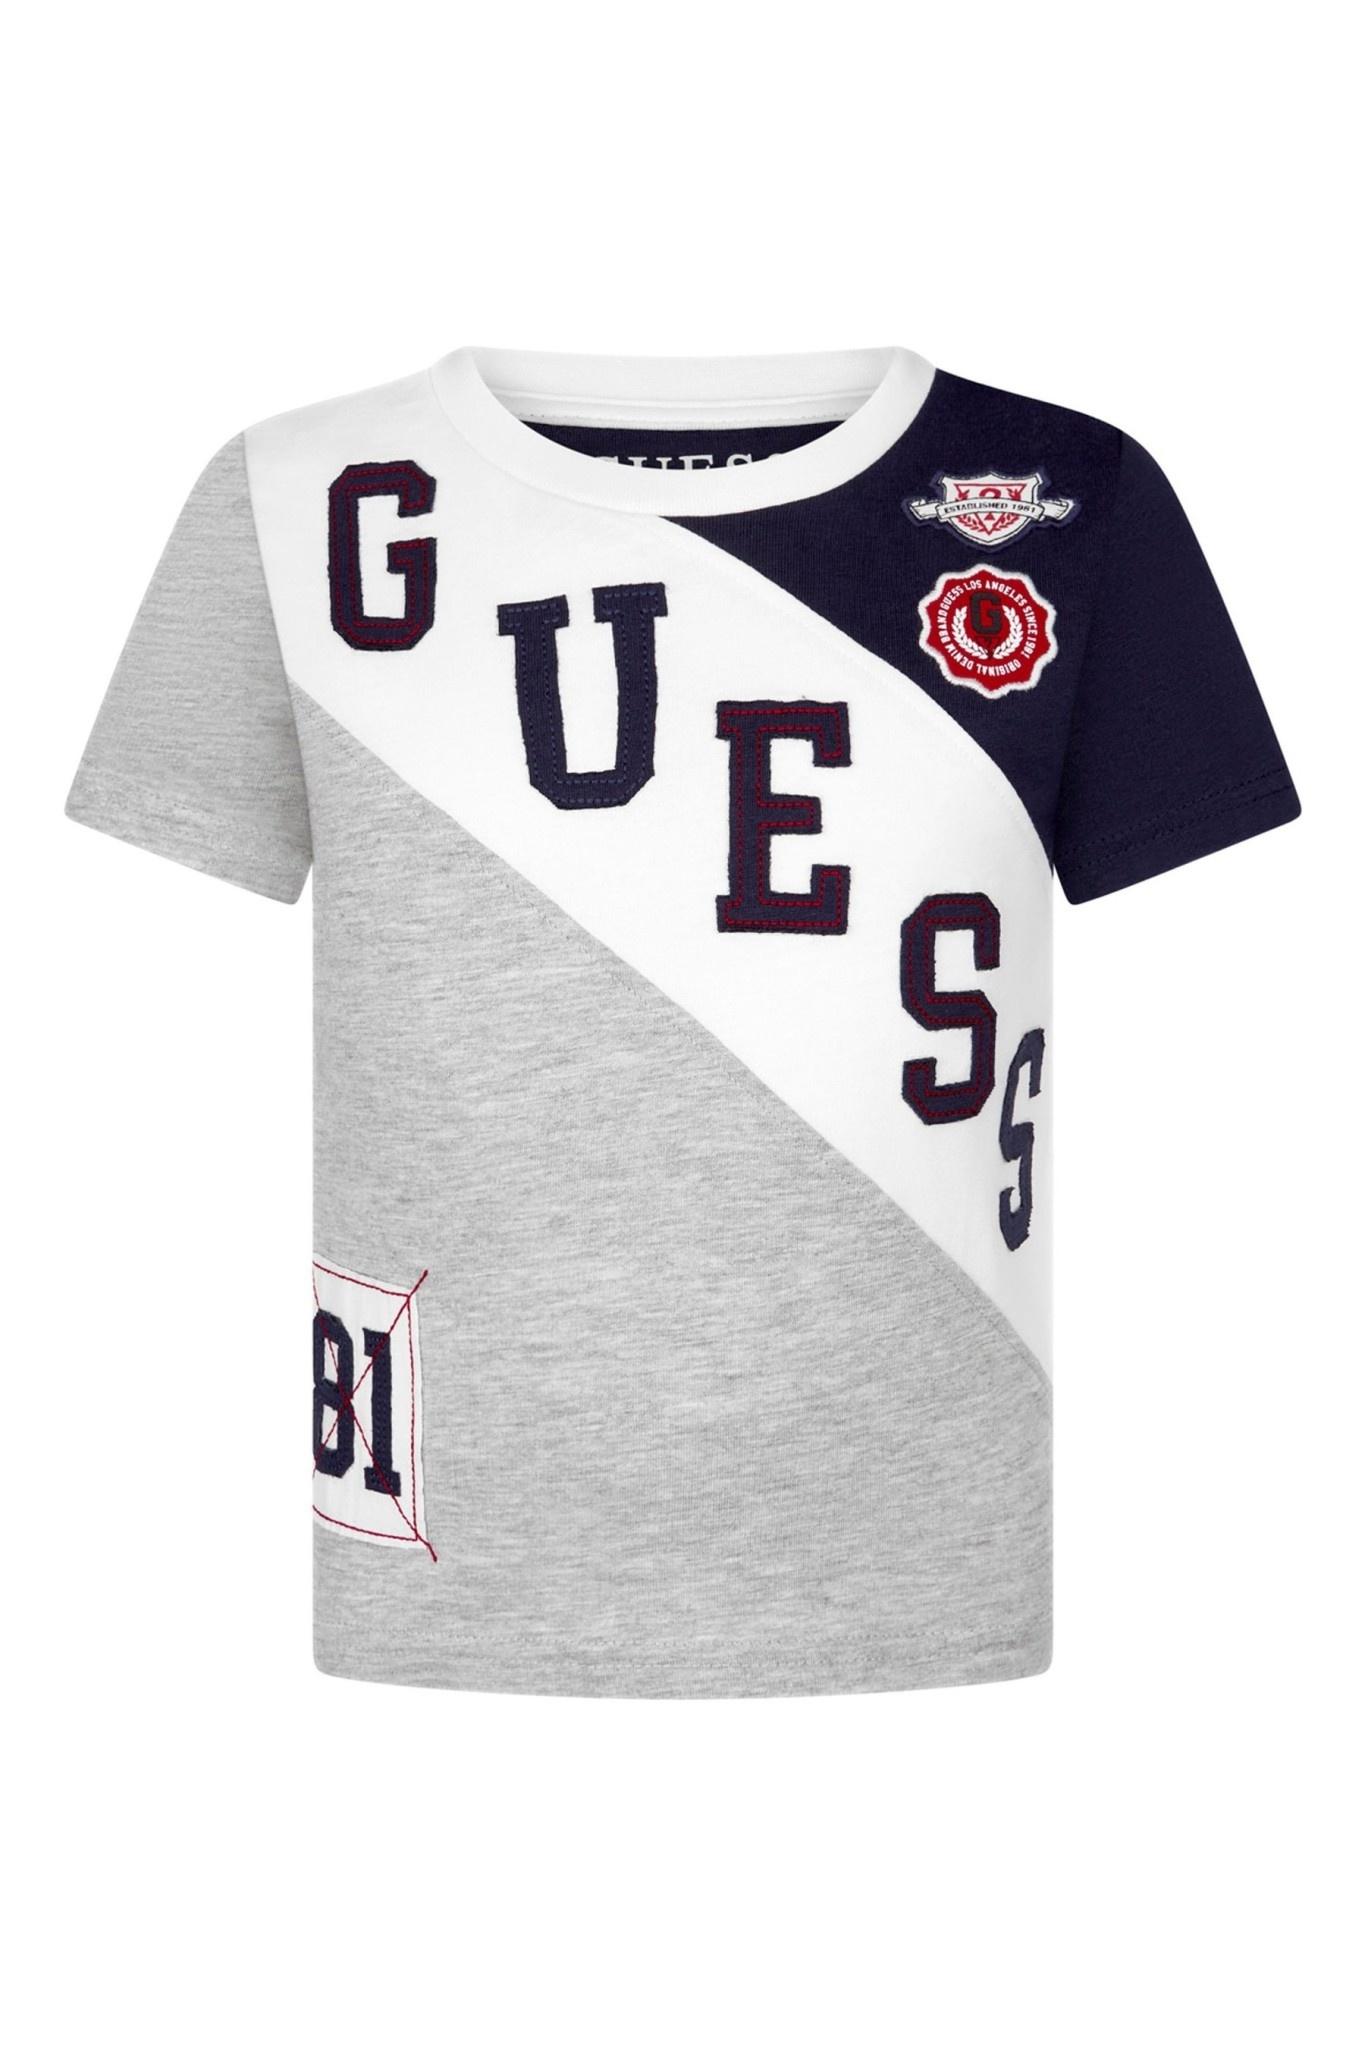 Guess Guess Logo 81 T-Shirt S21